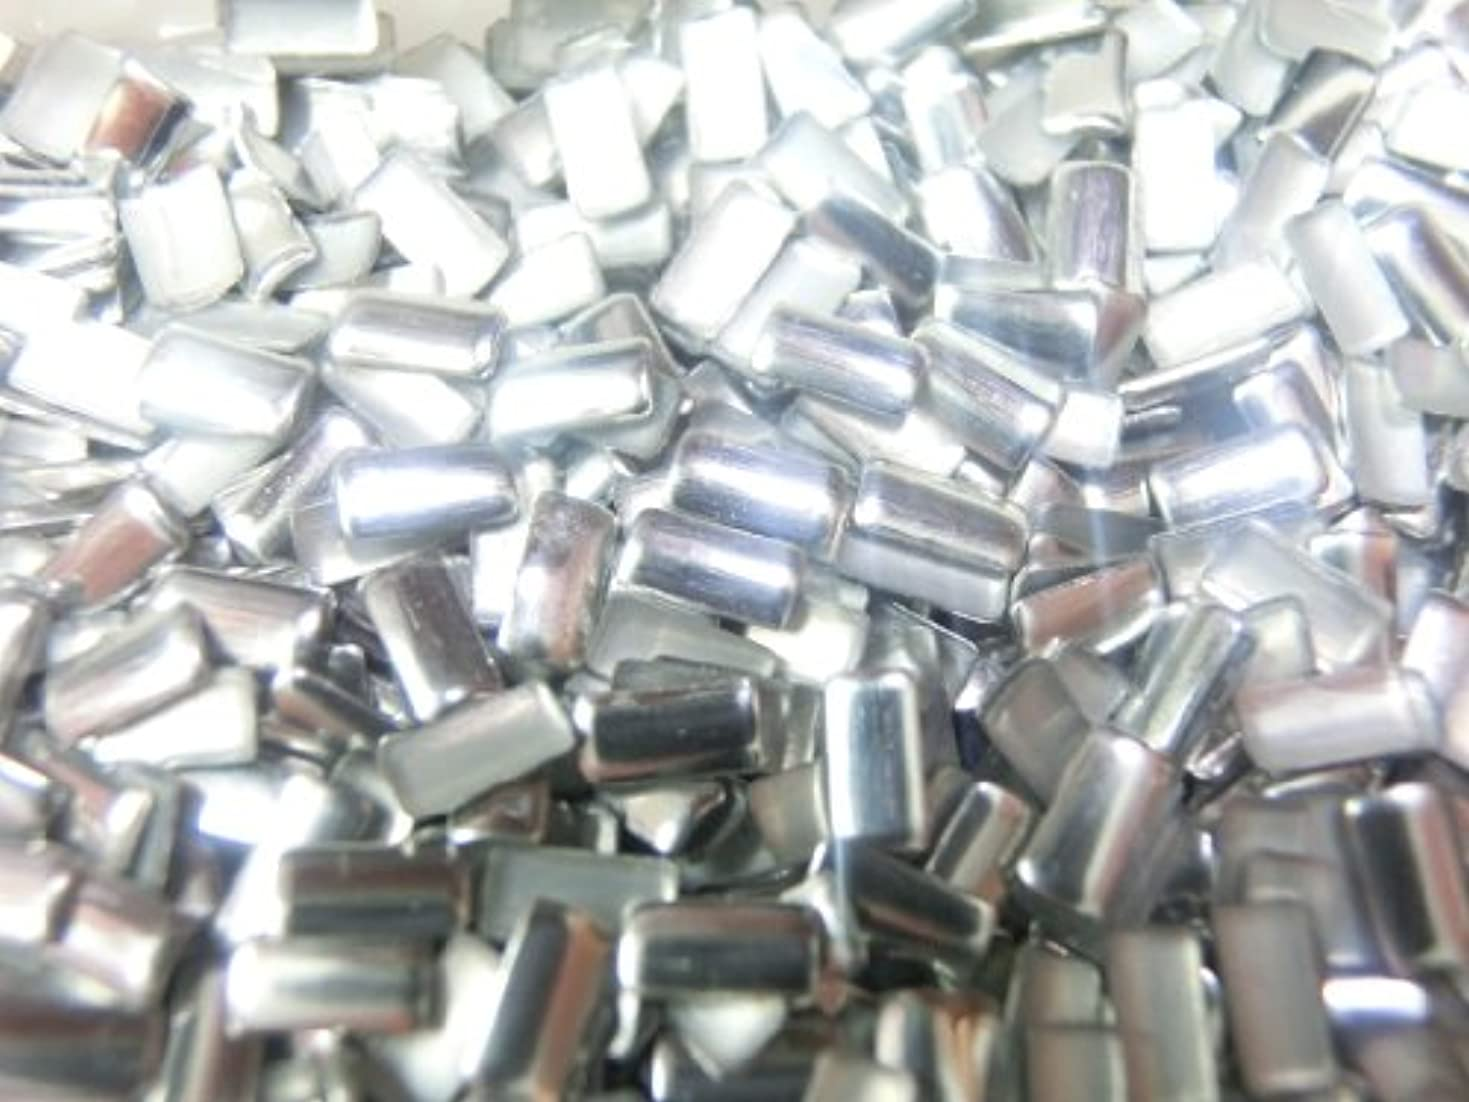 アーチ奇跡記念品【ラインストーン77】 多種類 スタッズ 約200粒 長方形(レクタングル) シルバー 2×4mm